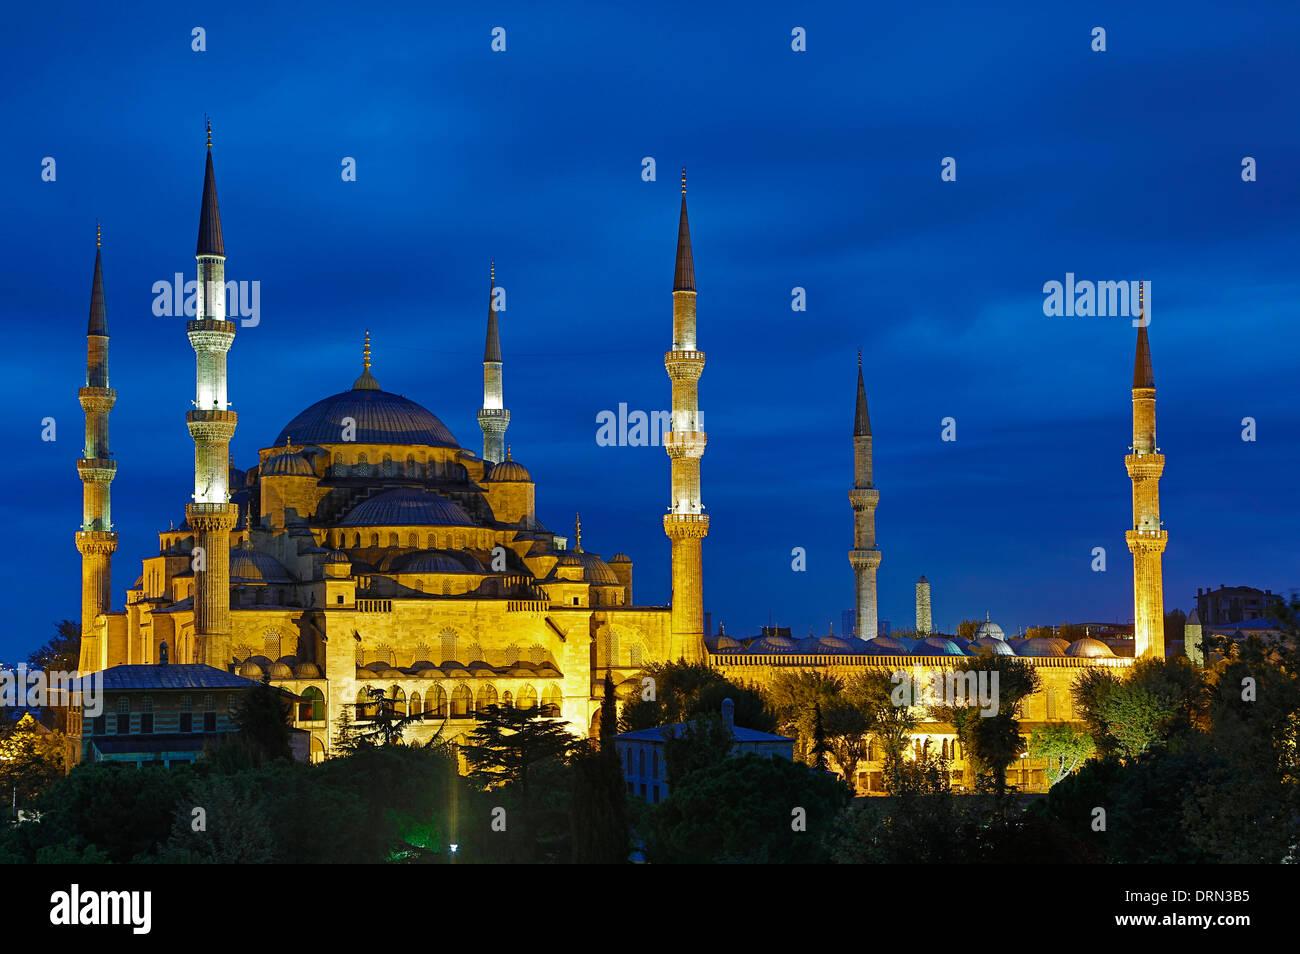 La Mezquita Azul de Estambul, Turquía Imagen De Stock